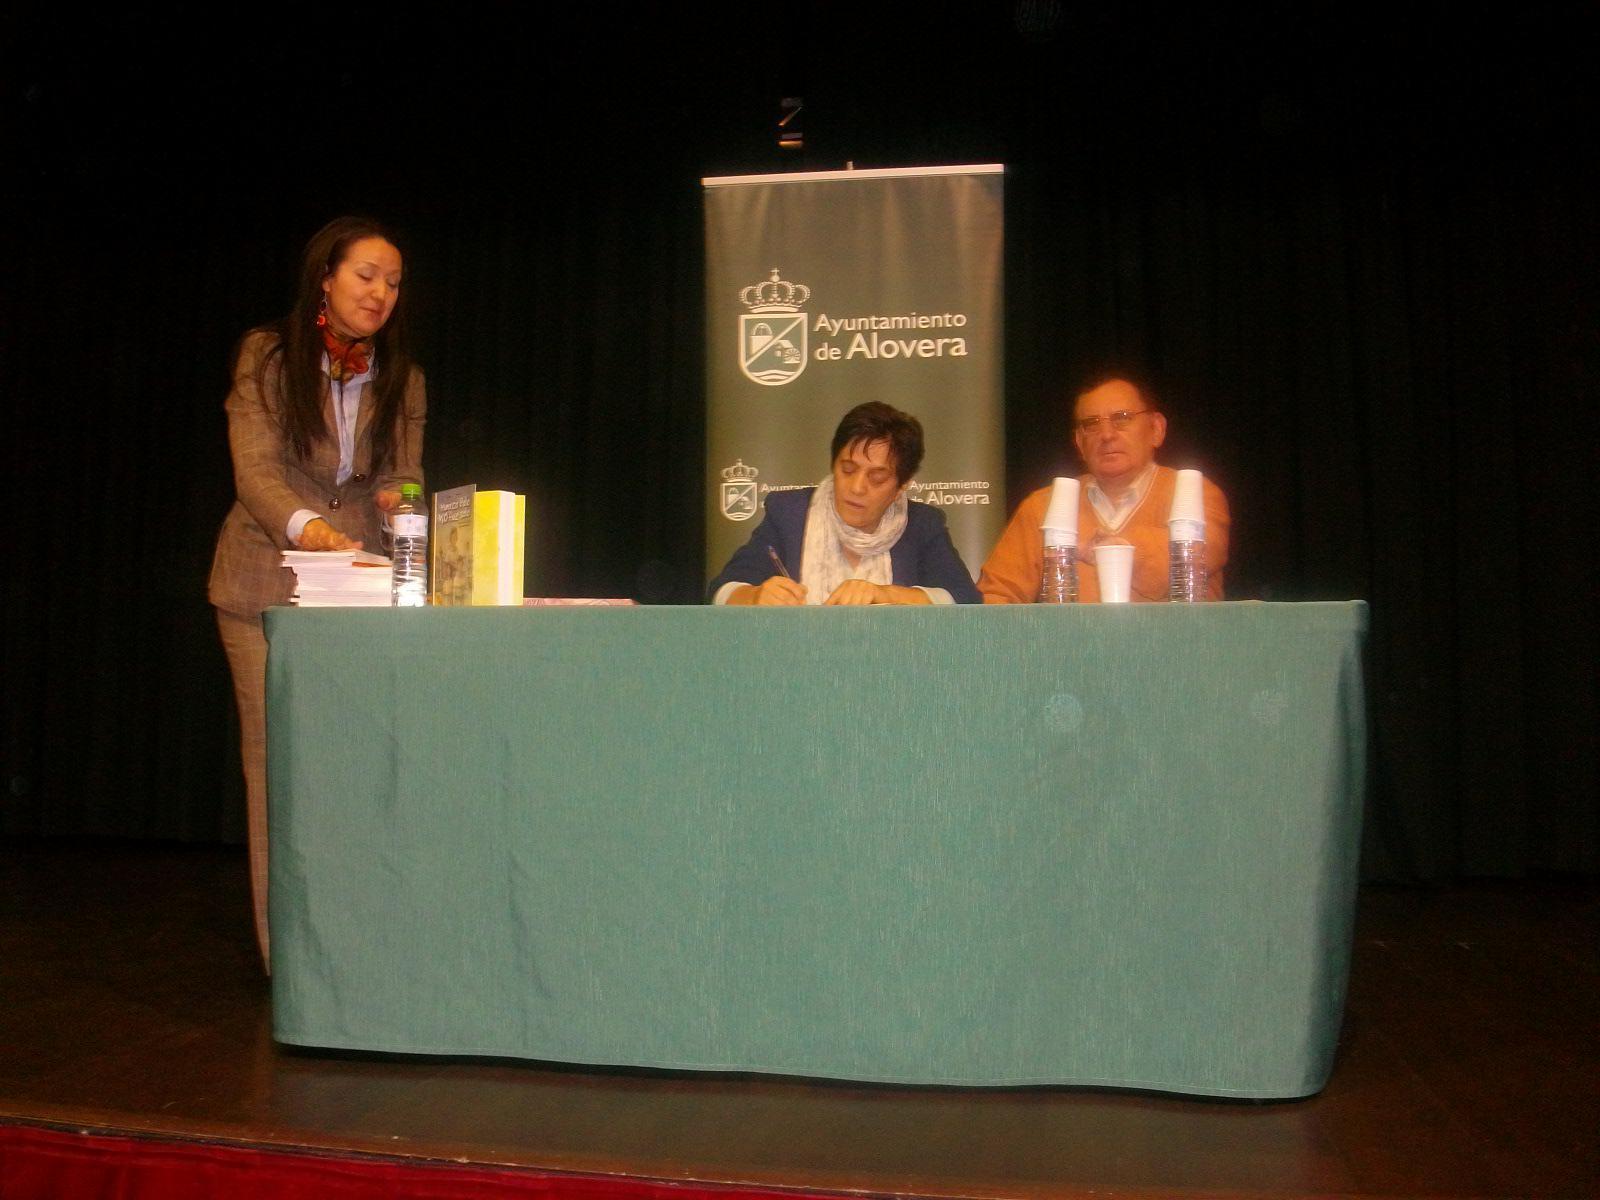 Una escritora de lujo, Pilar Lozano, y un prestigioso ilustrador, Emilio Urberuaga, invitados en la biblioteca de Alovera